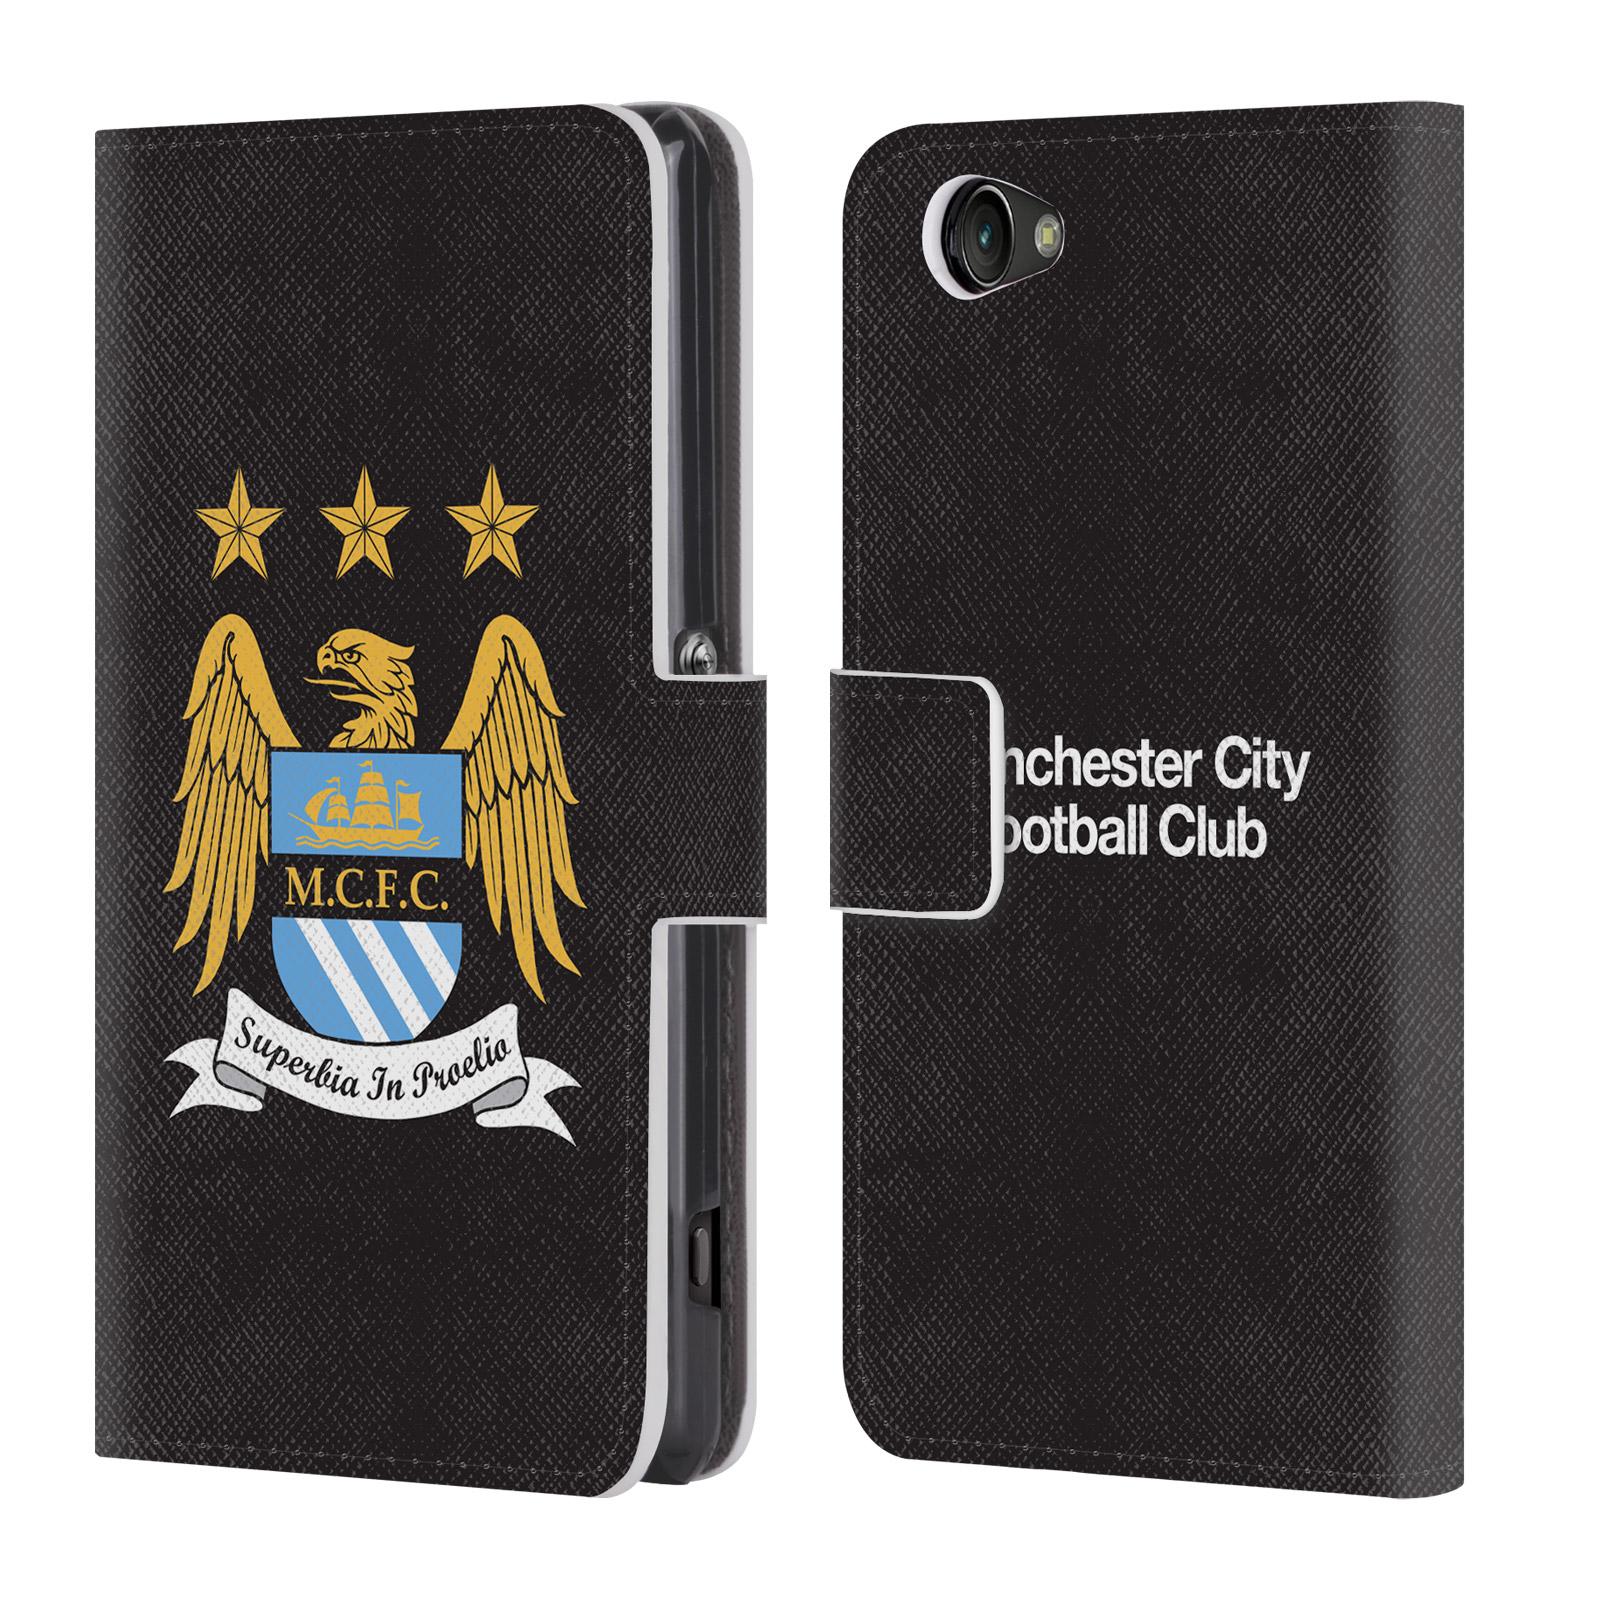 HEAD CASE Flipové pouzdro pro mobil Sony Xperia Z1 COMPACT (D5503) Oficiální Manchester City znak a černé pozadí